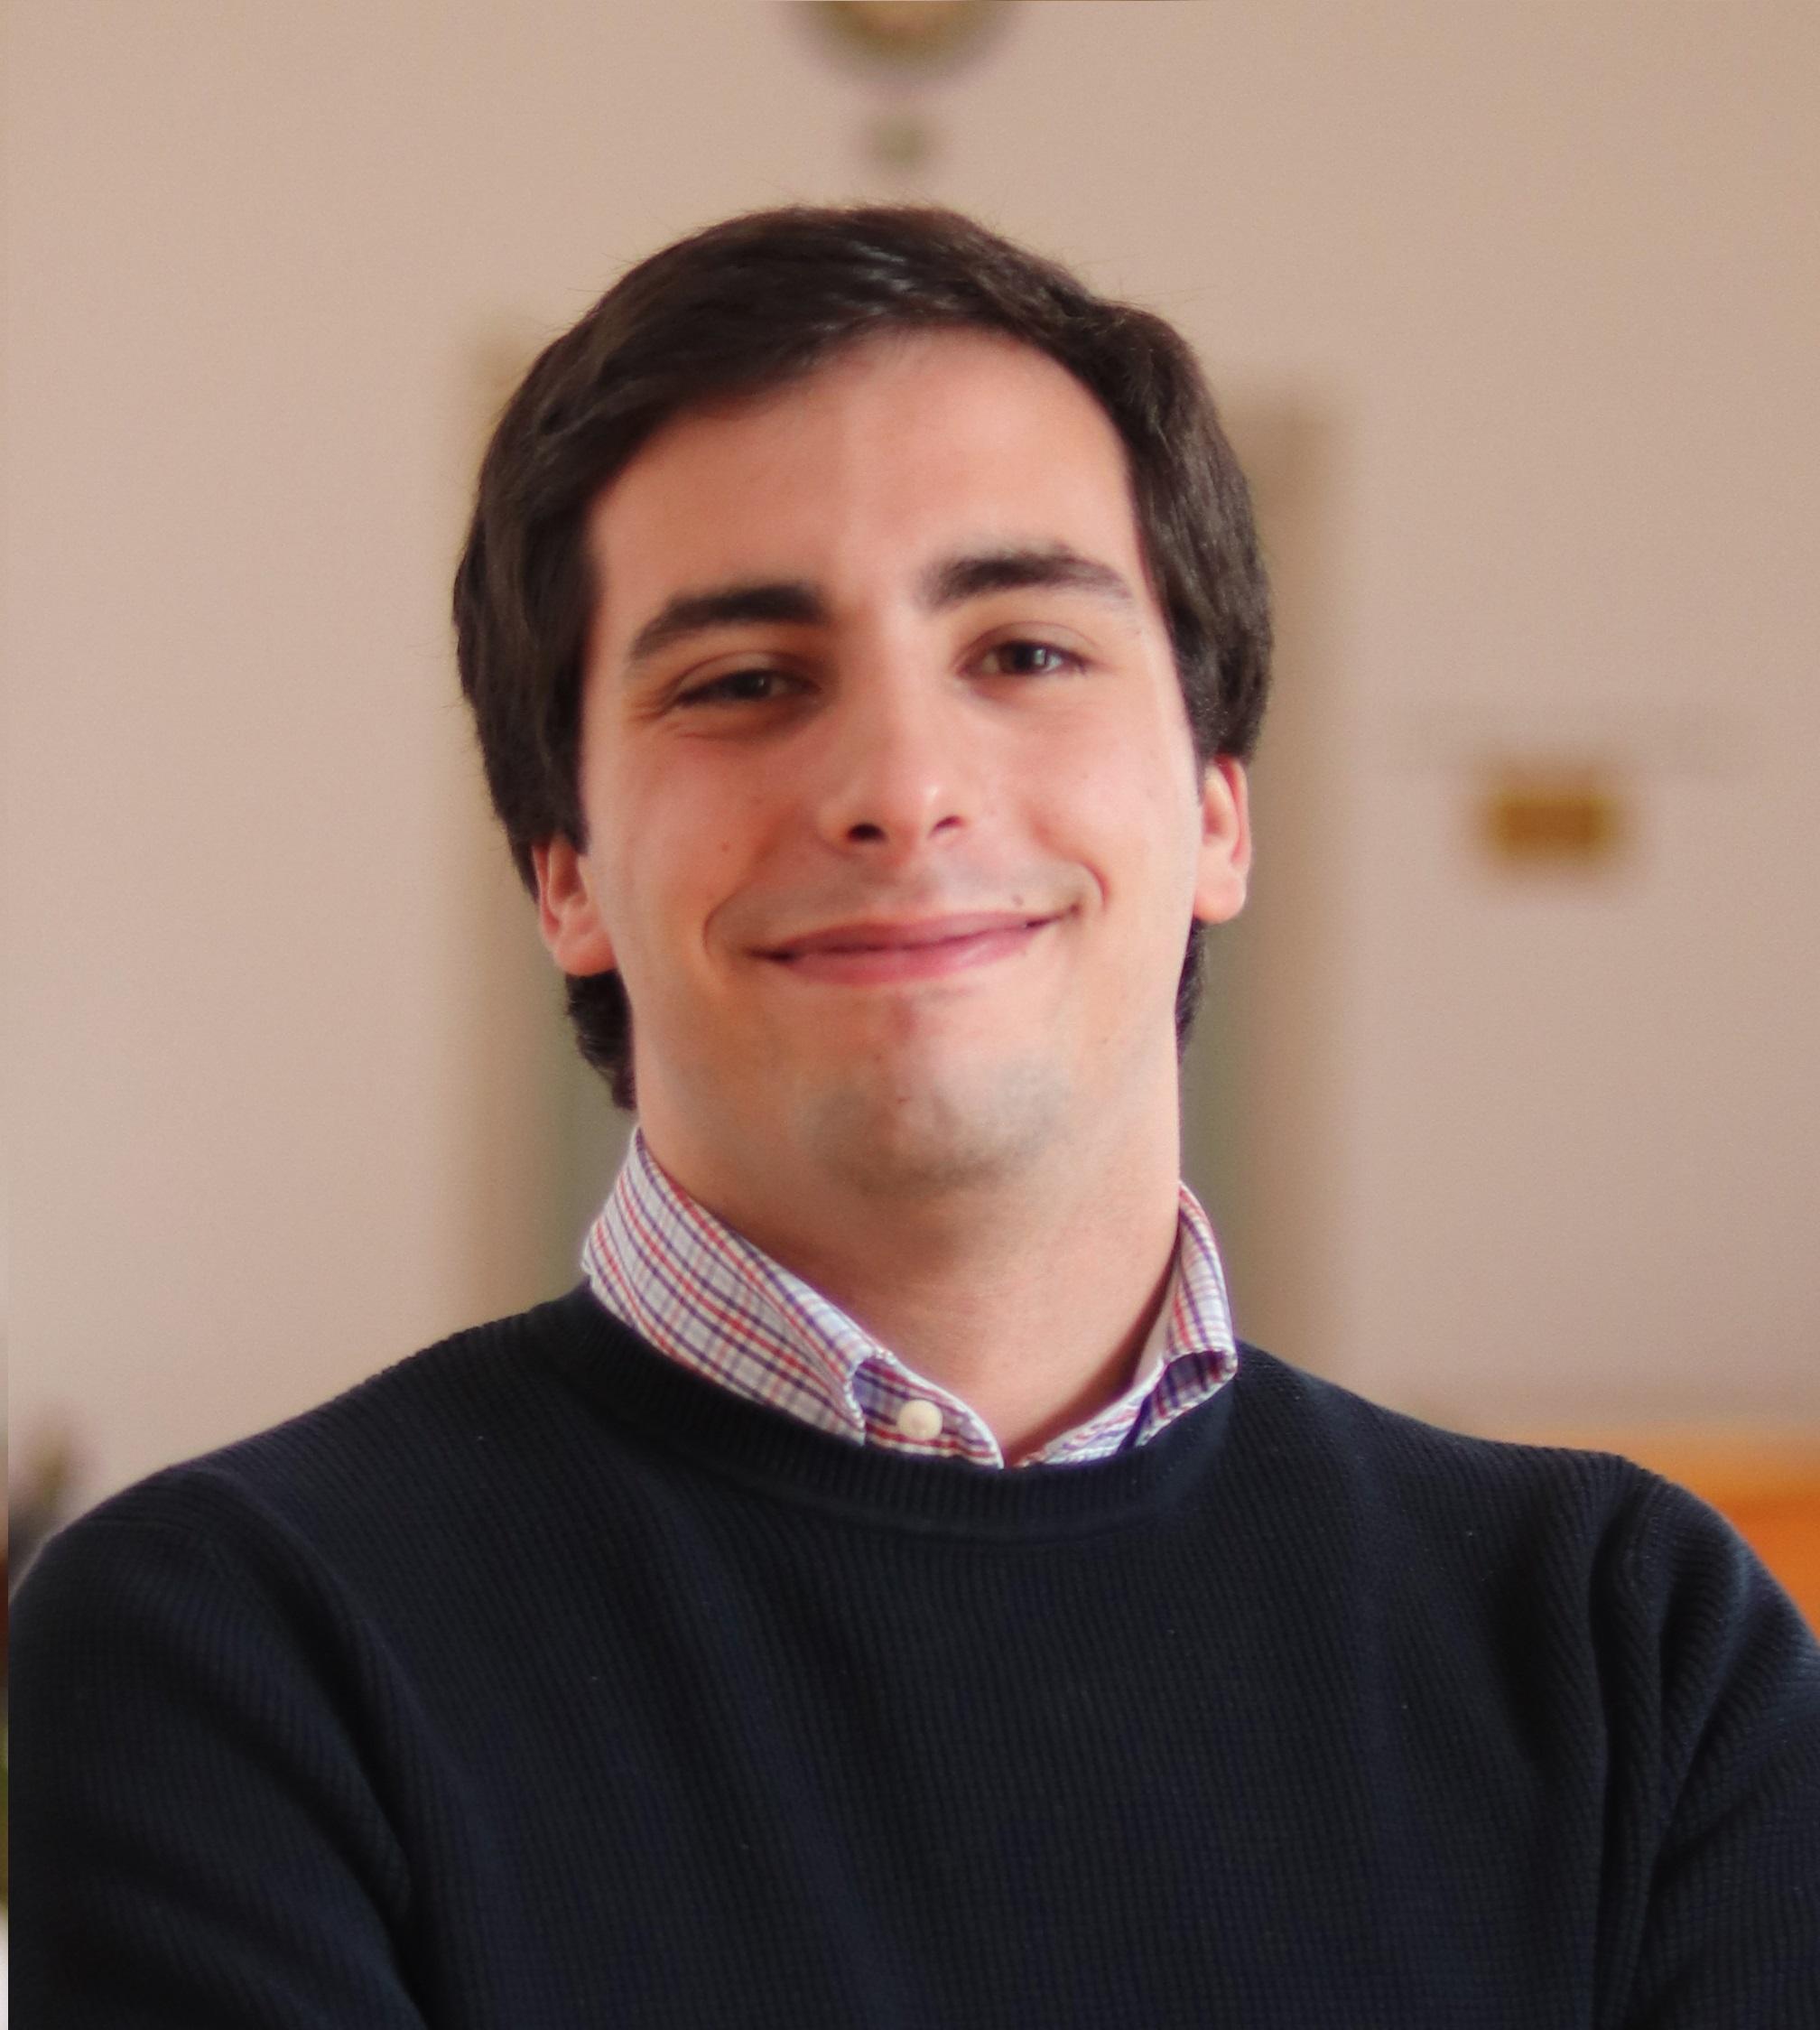 Pedro Matos Filipe